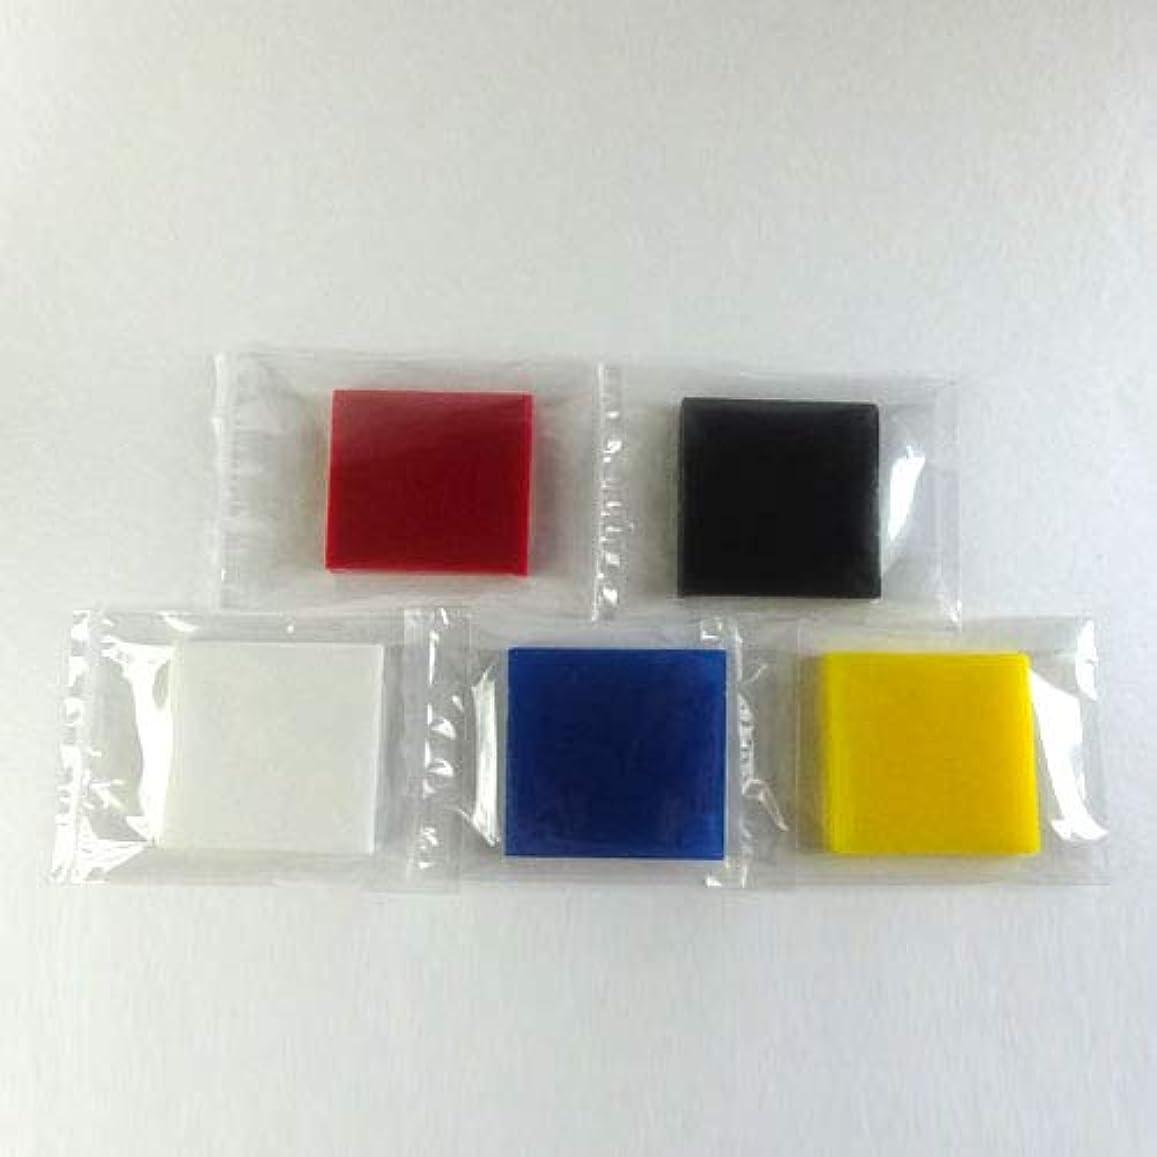 生き返らせるケントわざわざグリセリンソープ MPソープ 色チップ 5色(赤・青・黄・白・黒) 各120g(30g x 4pc)